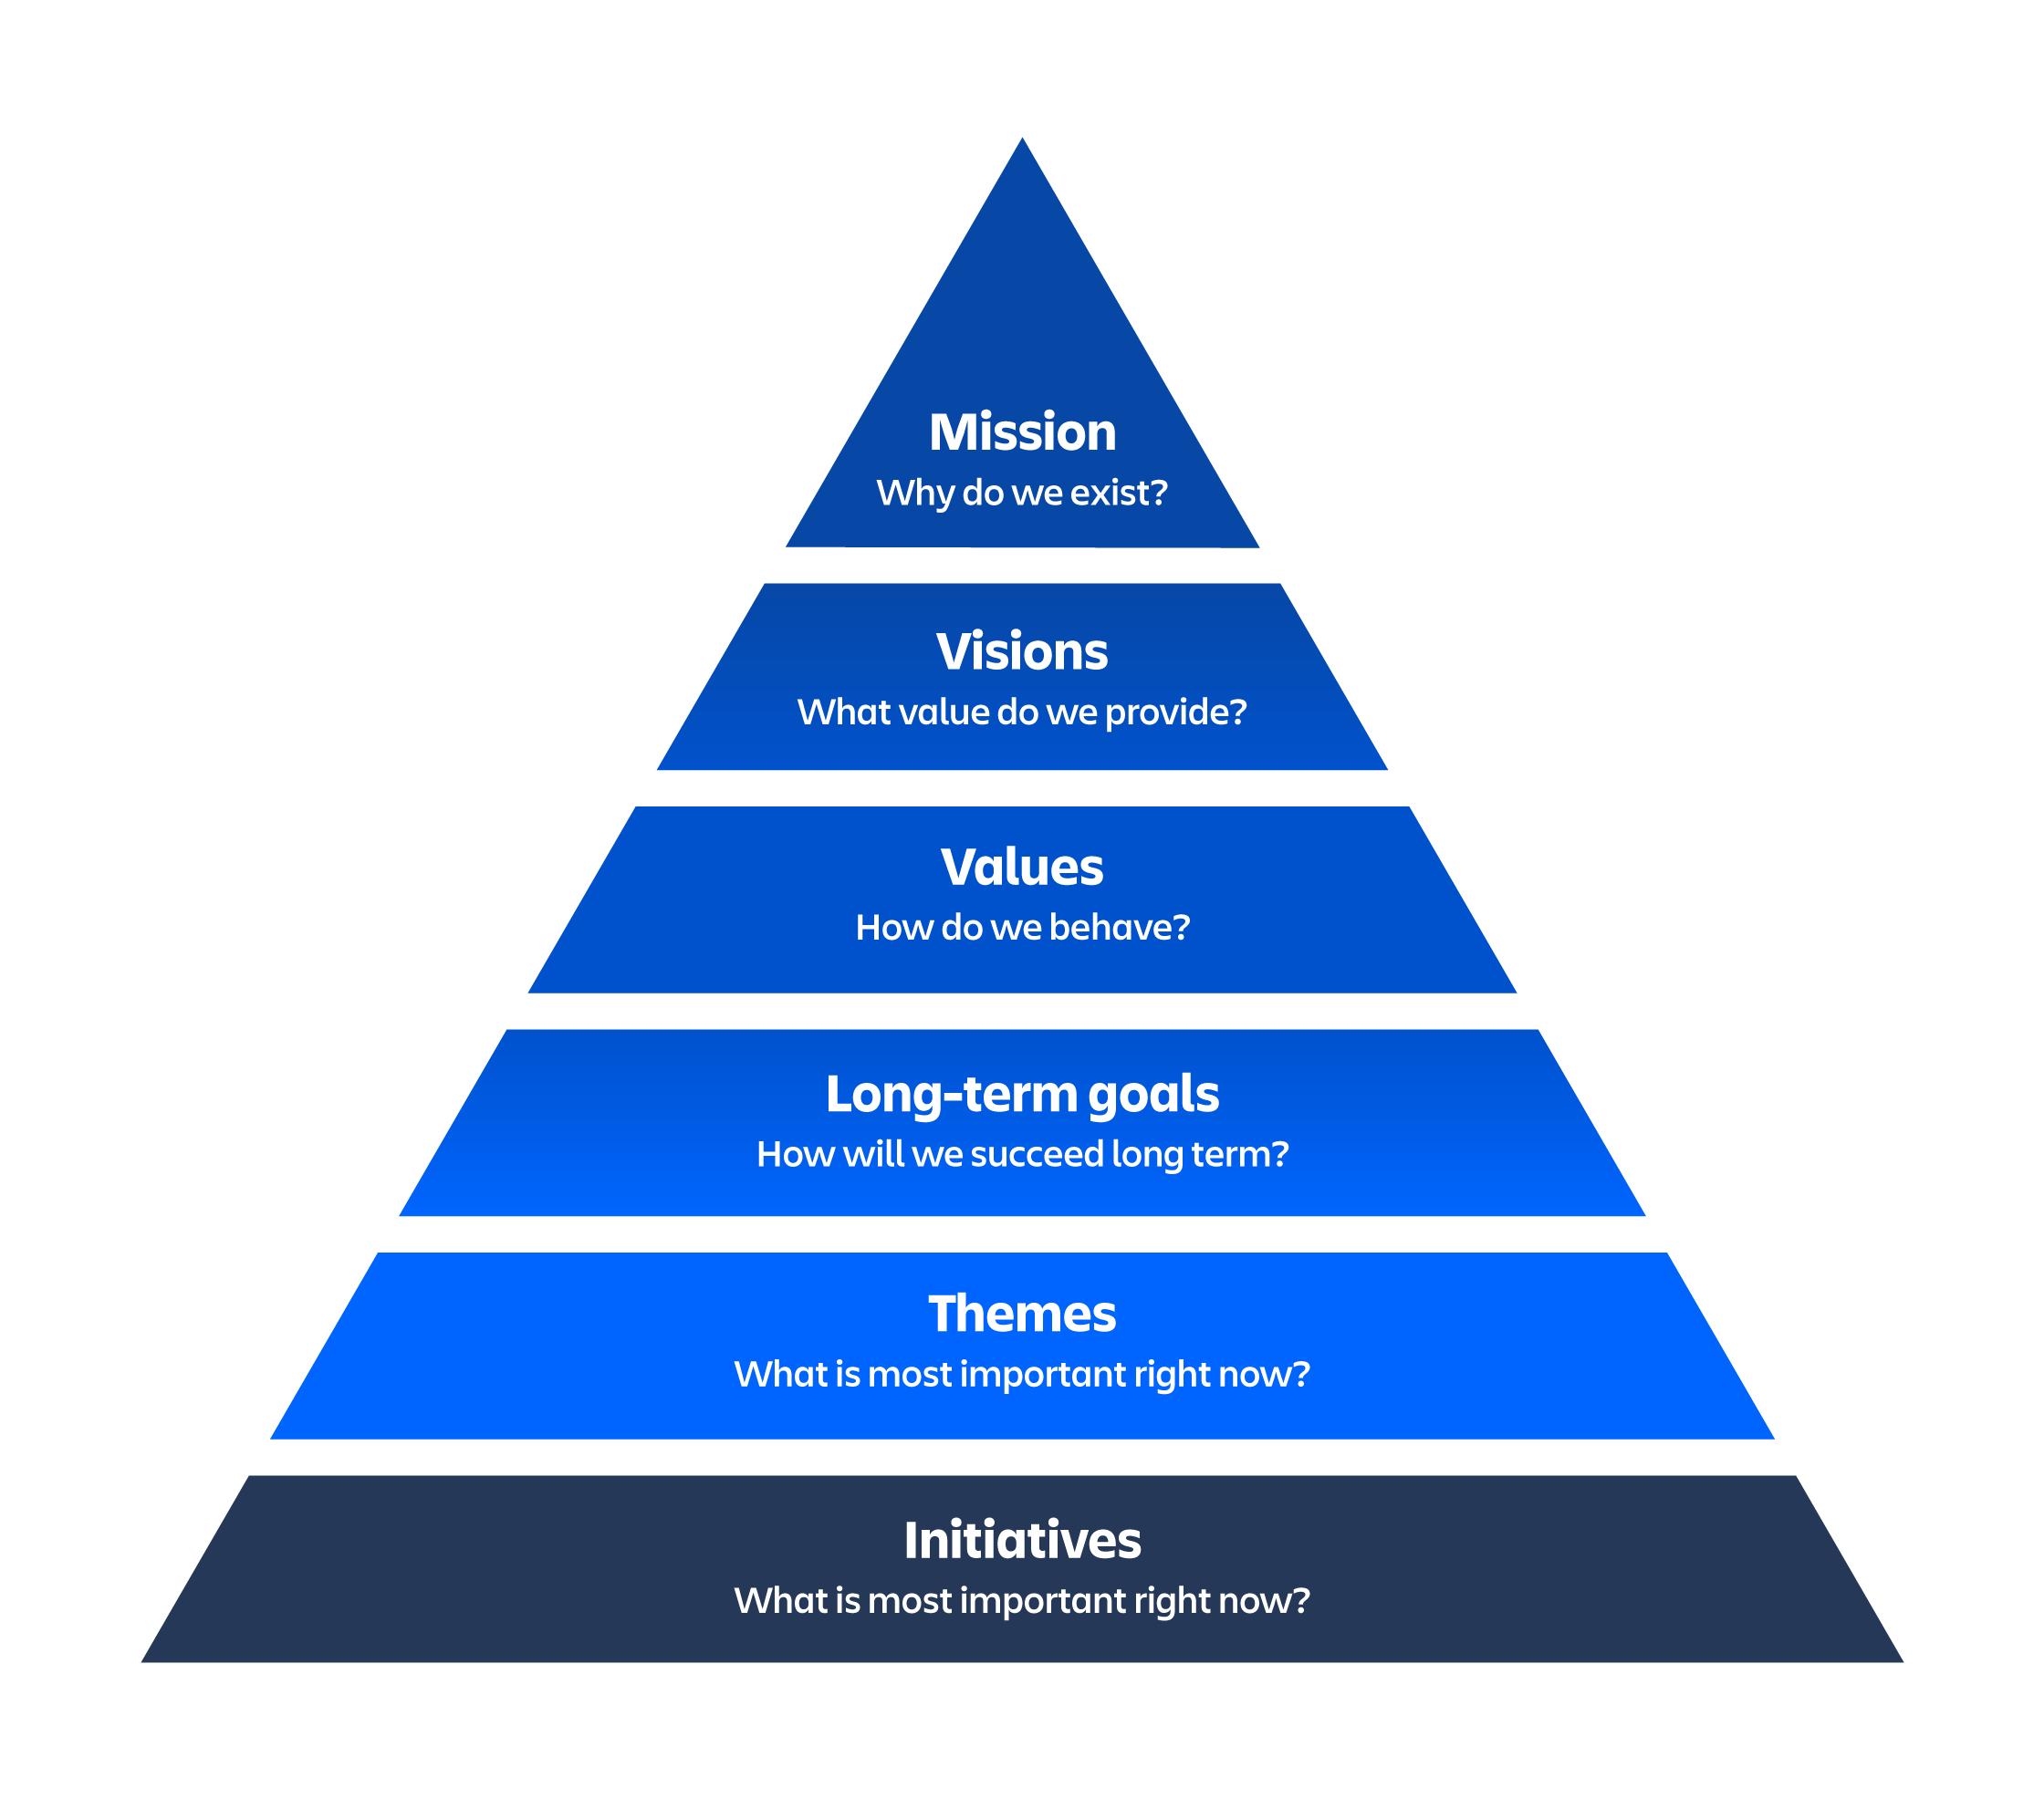 Пирамида LPM, на вершине которой находится миссия, а в основании— инициативы